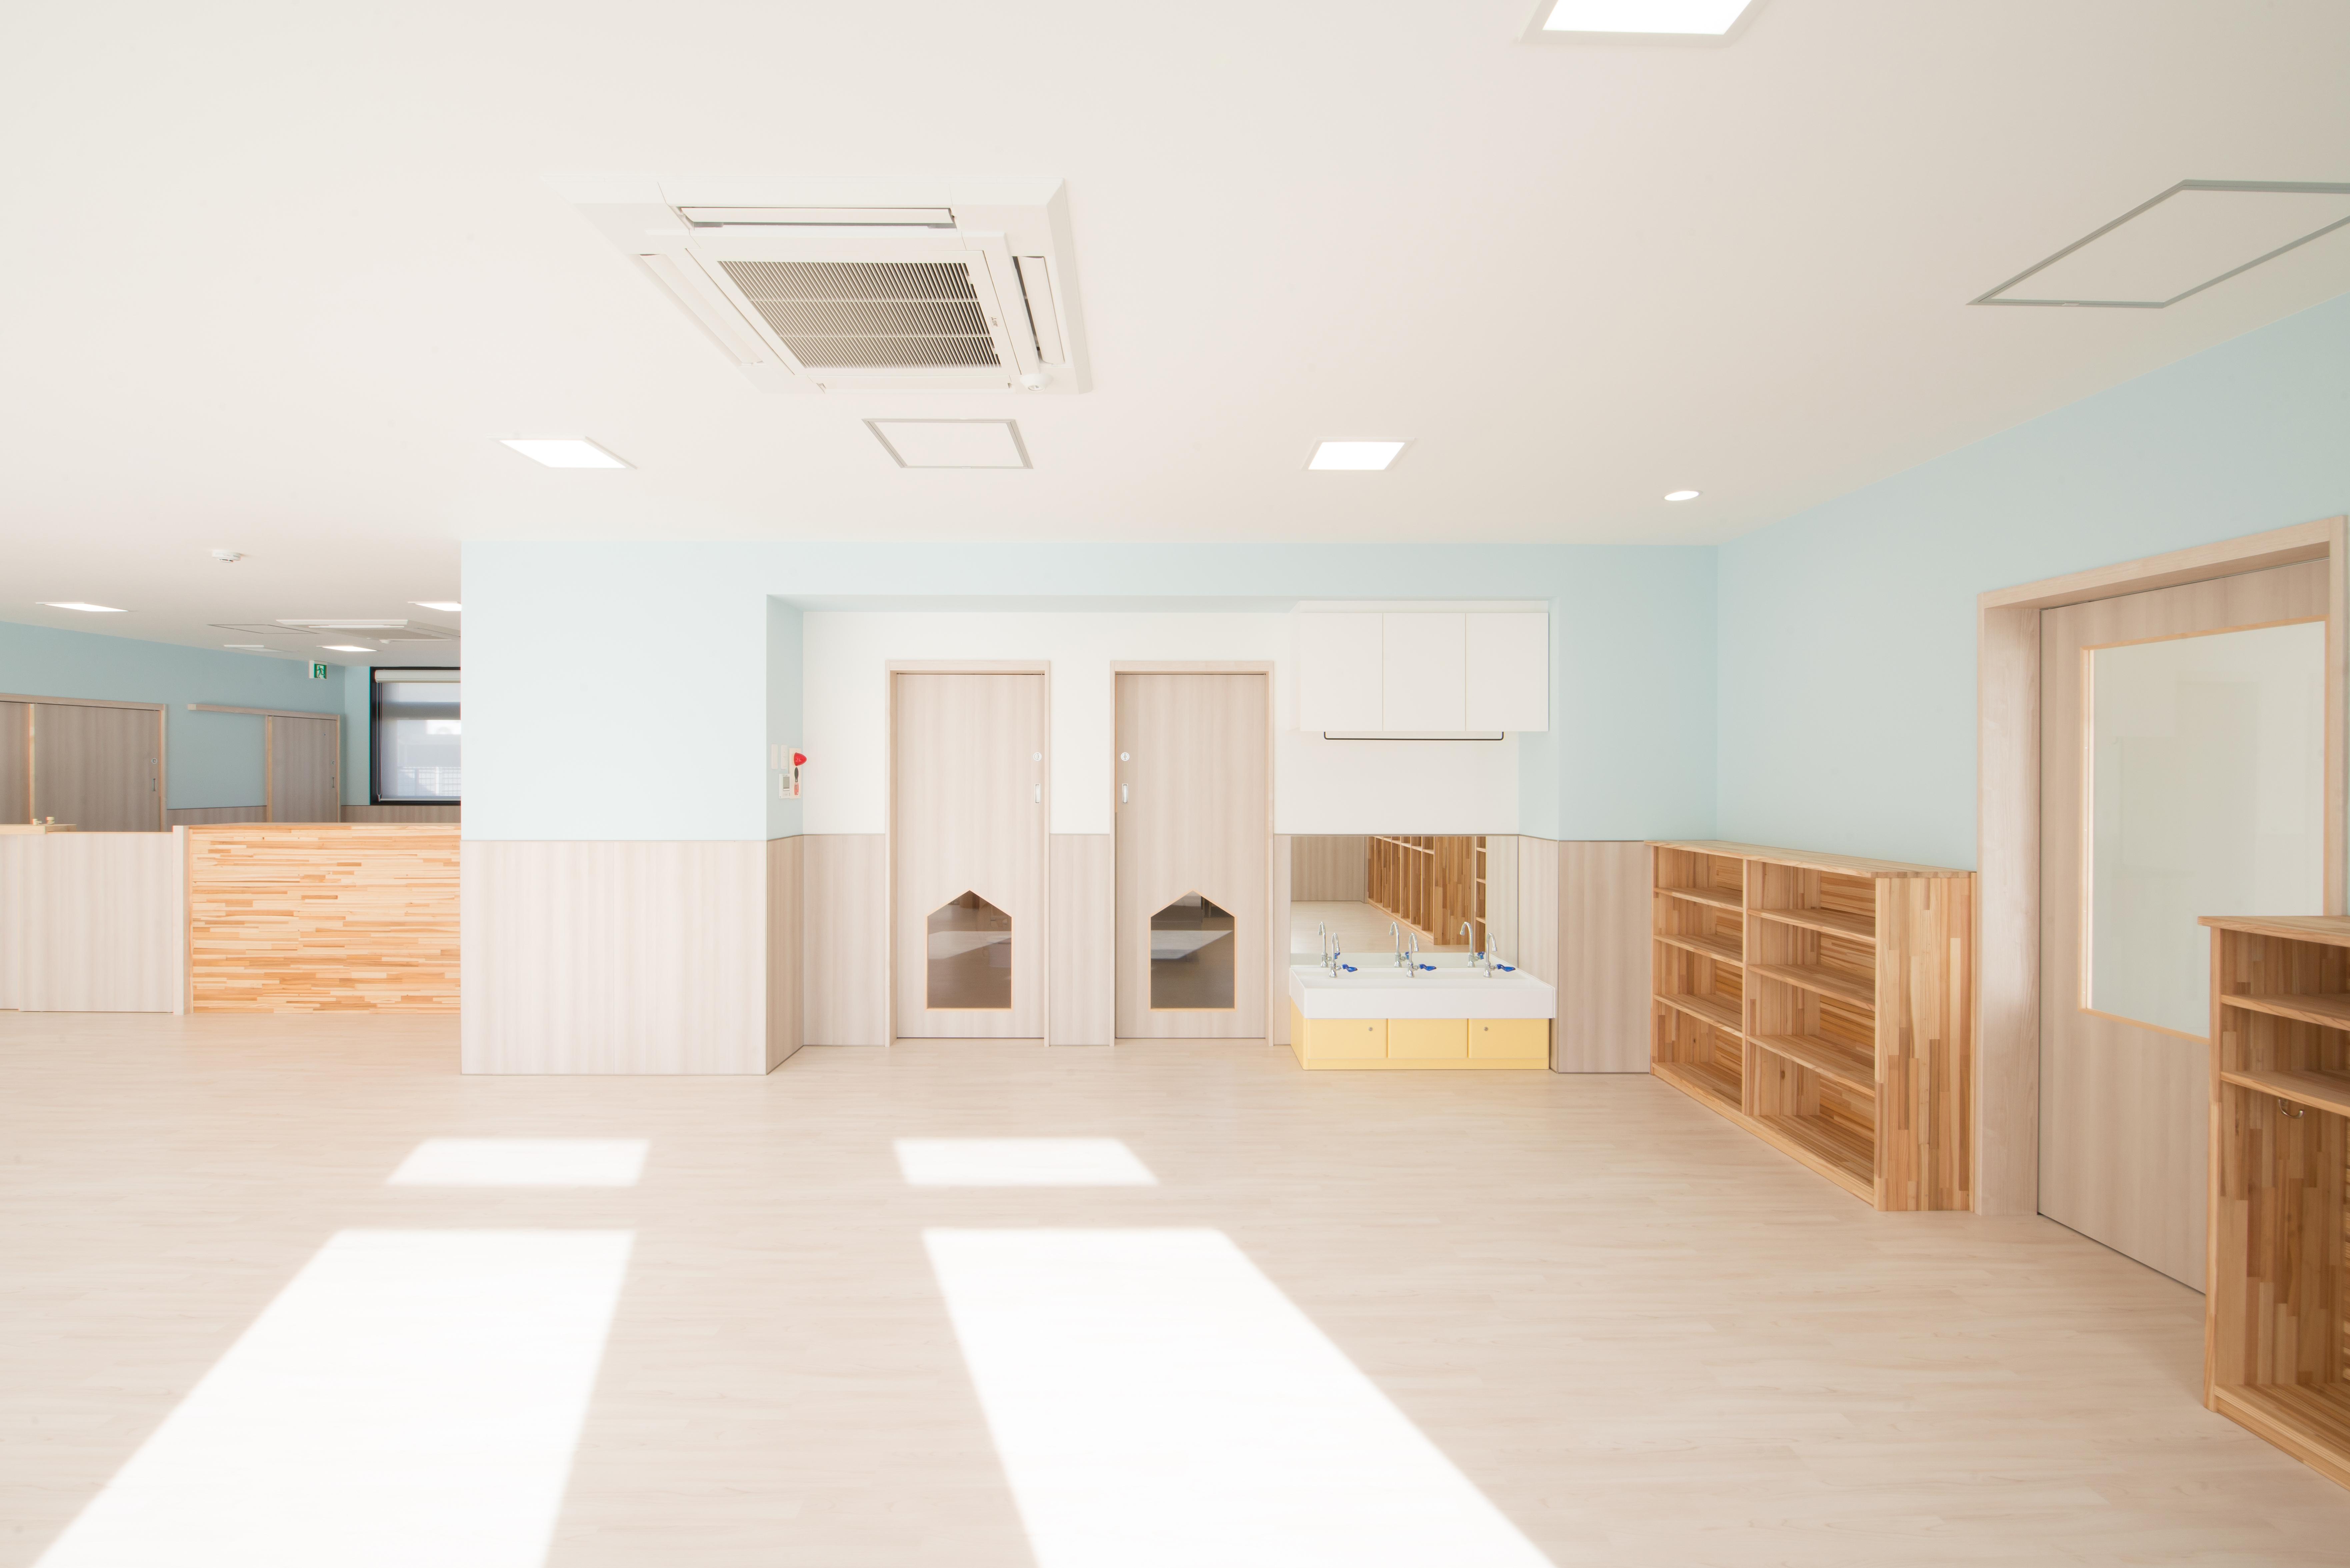 0歳児の保育室